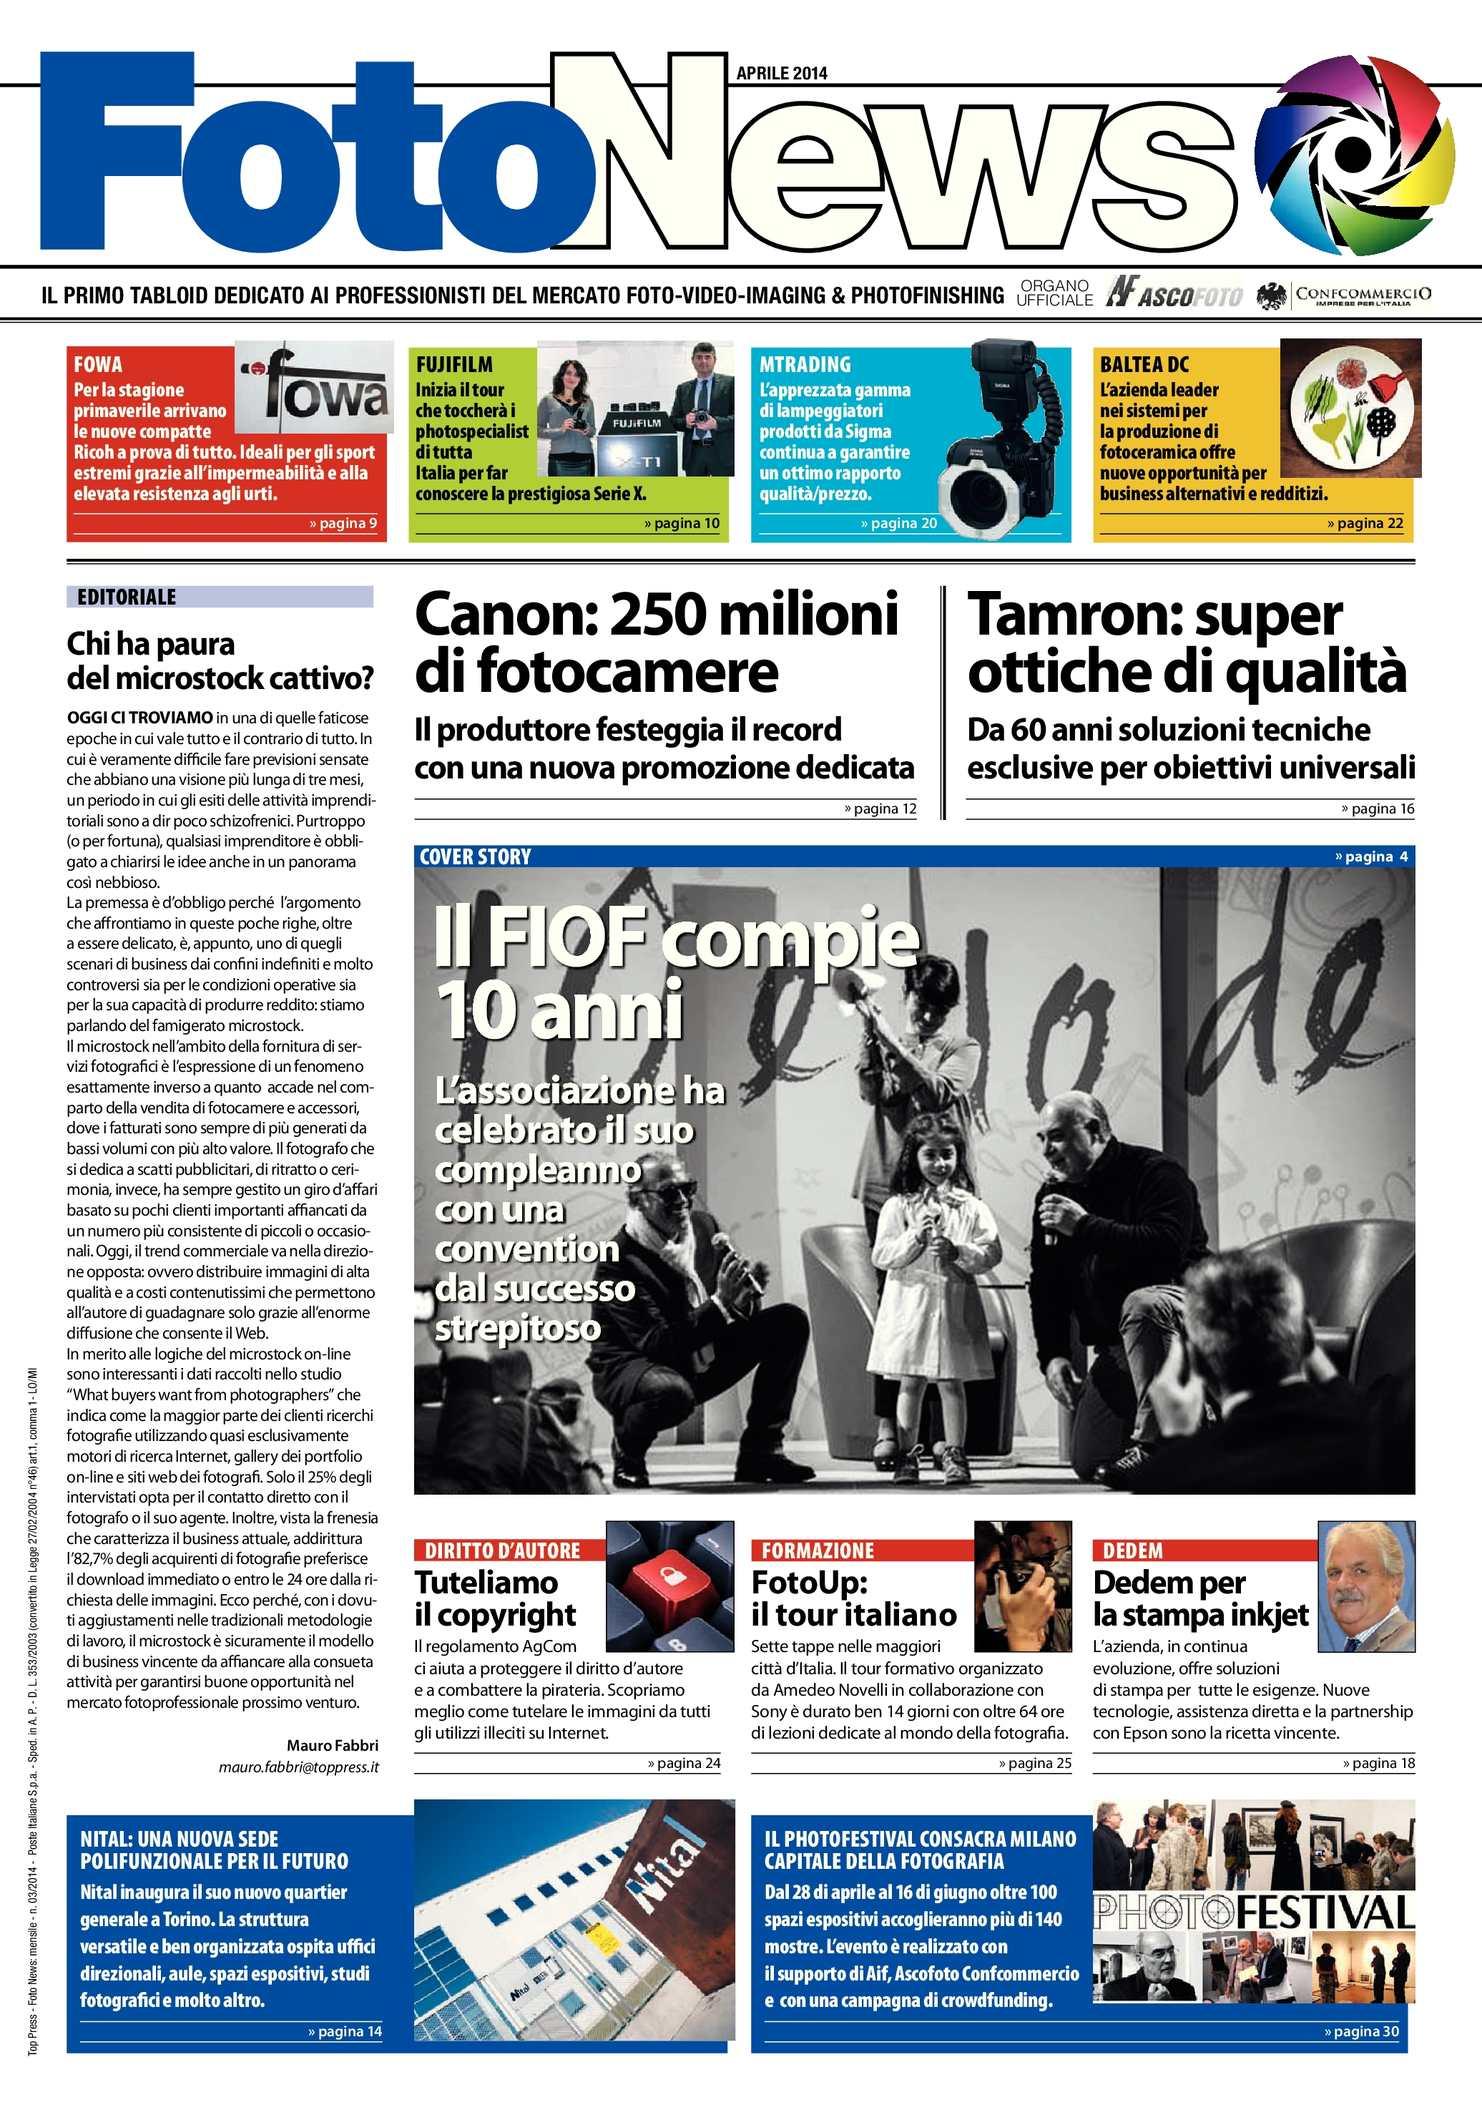 FotoNews 03/2014